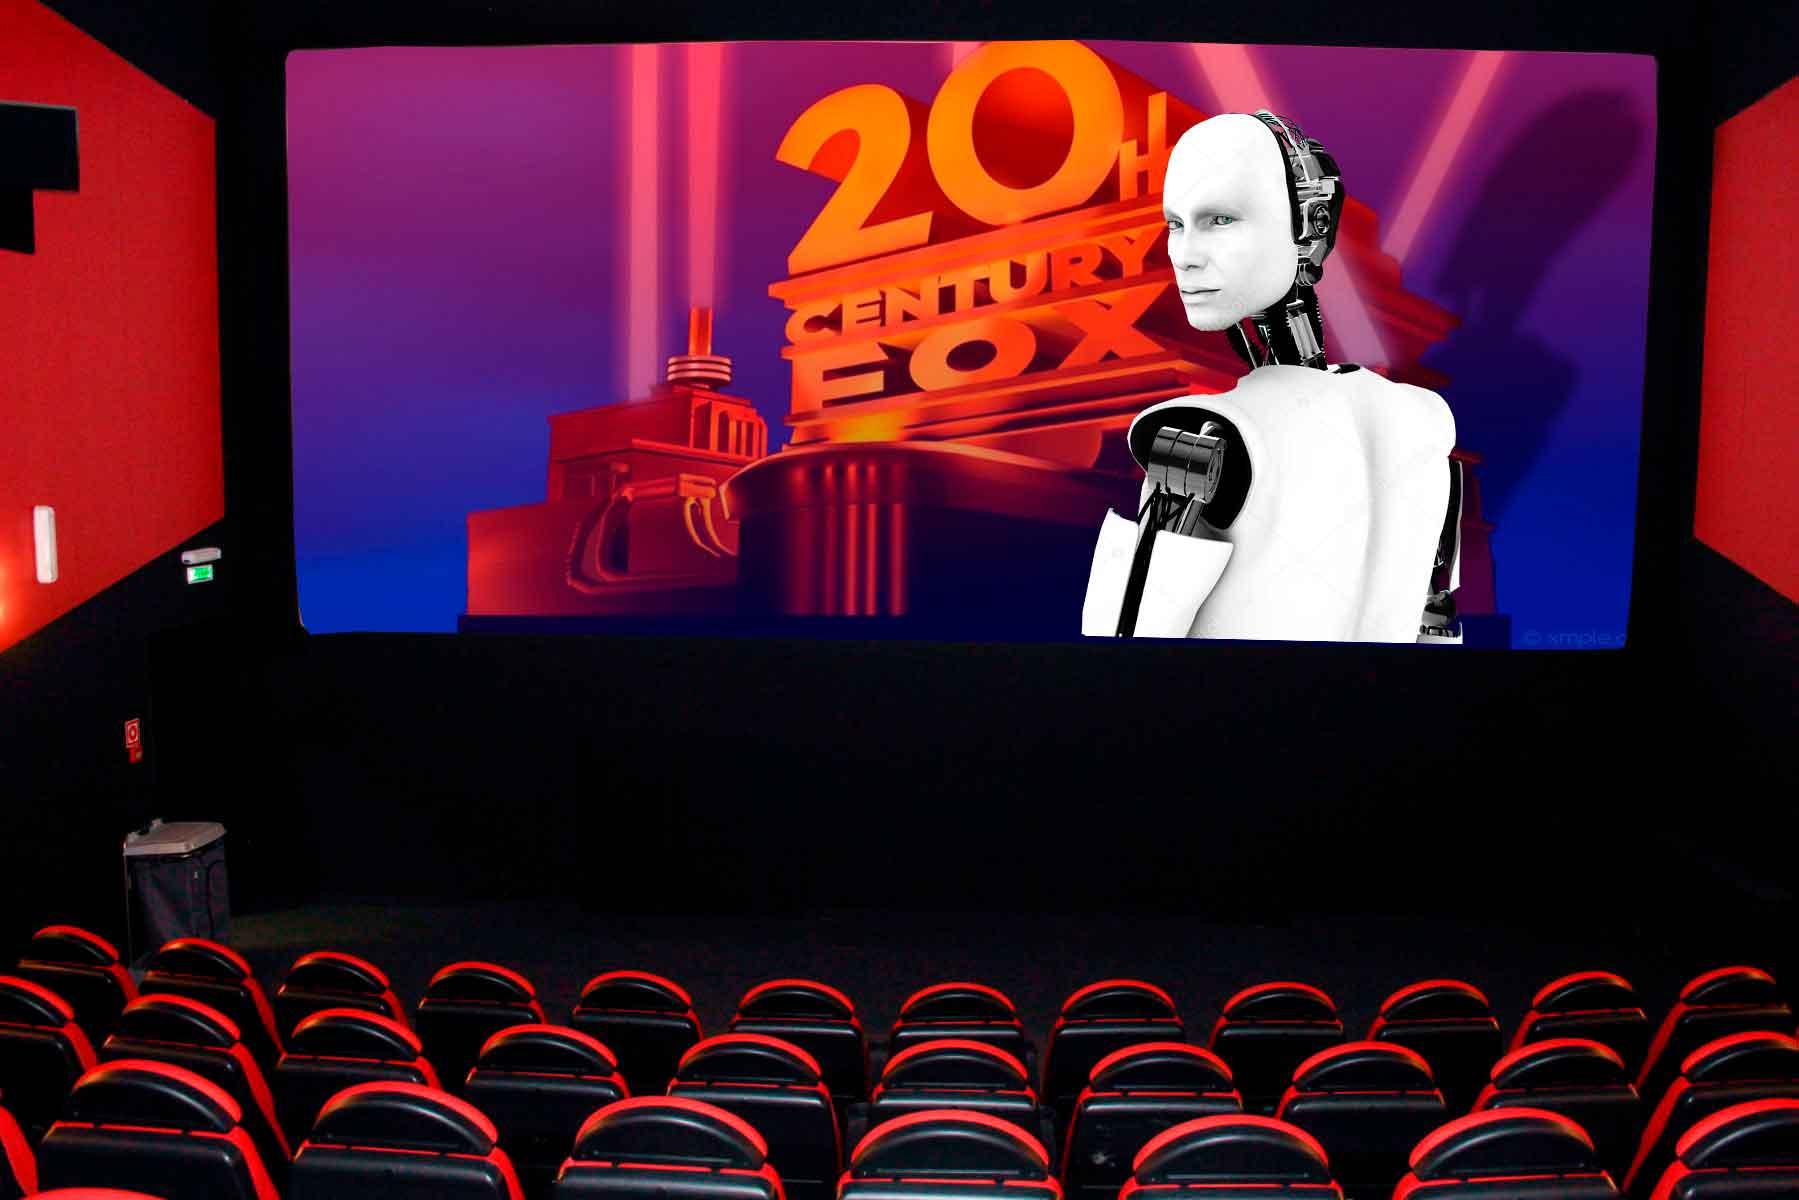 Как искусственный интеллект предсказывает интерес к фильмам